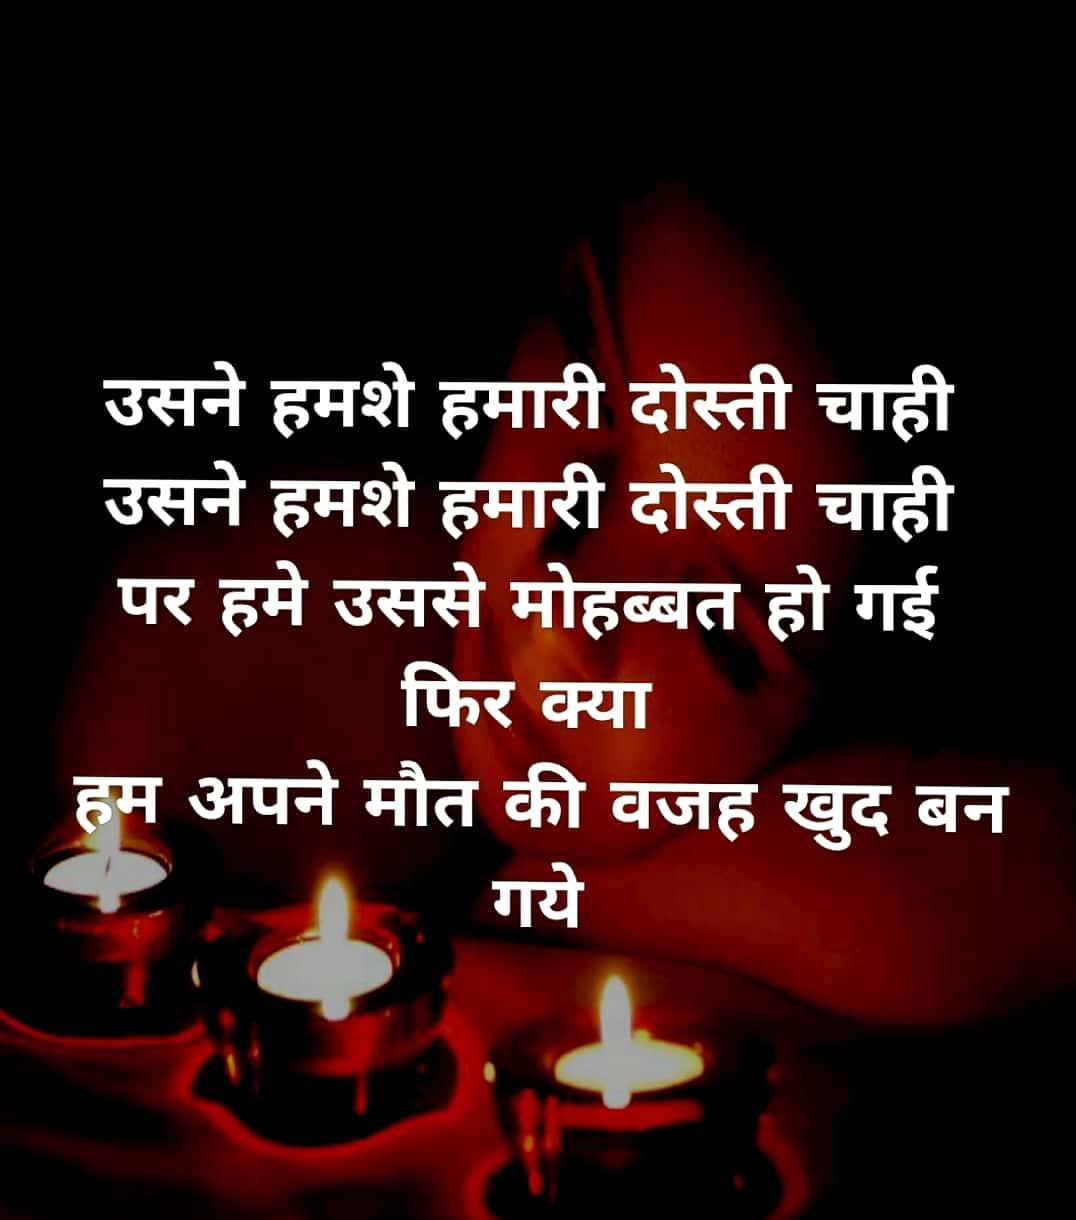 Whatsapp Status Shayari With Images In Hindiwhatsapp Status